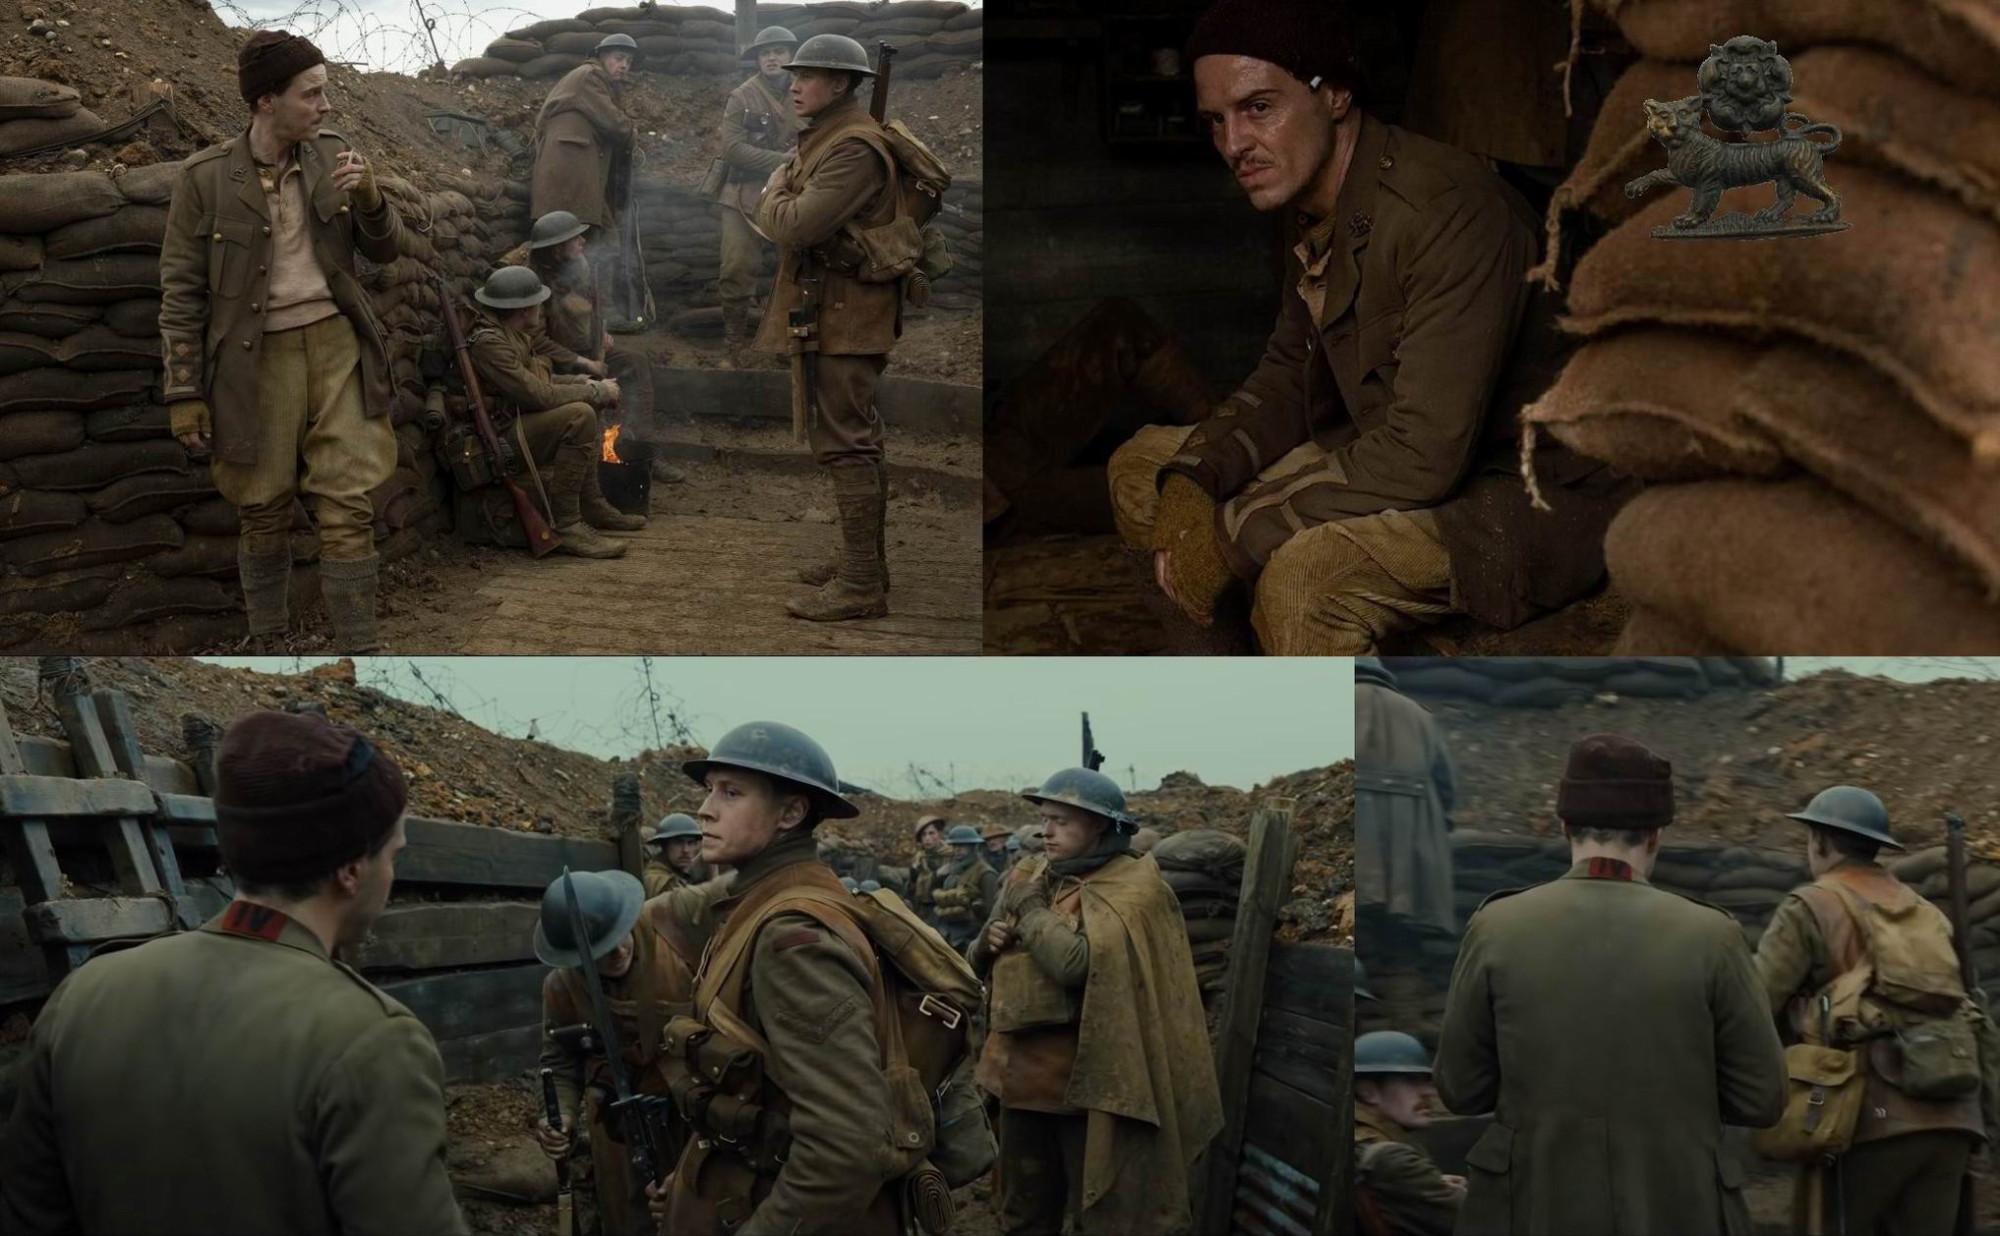 Внизу слева - на солдате на заднем плане виден нагрудник для гранат.